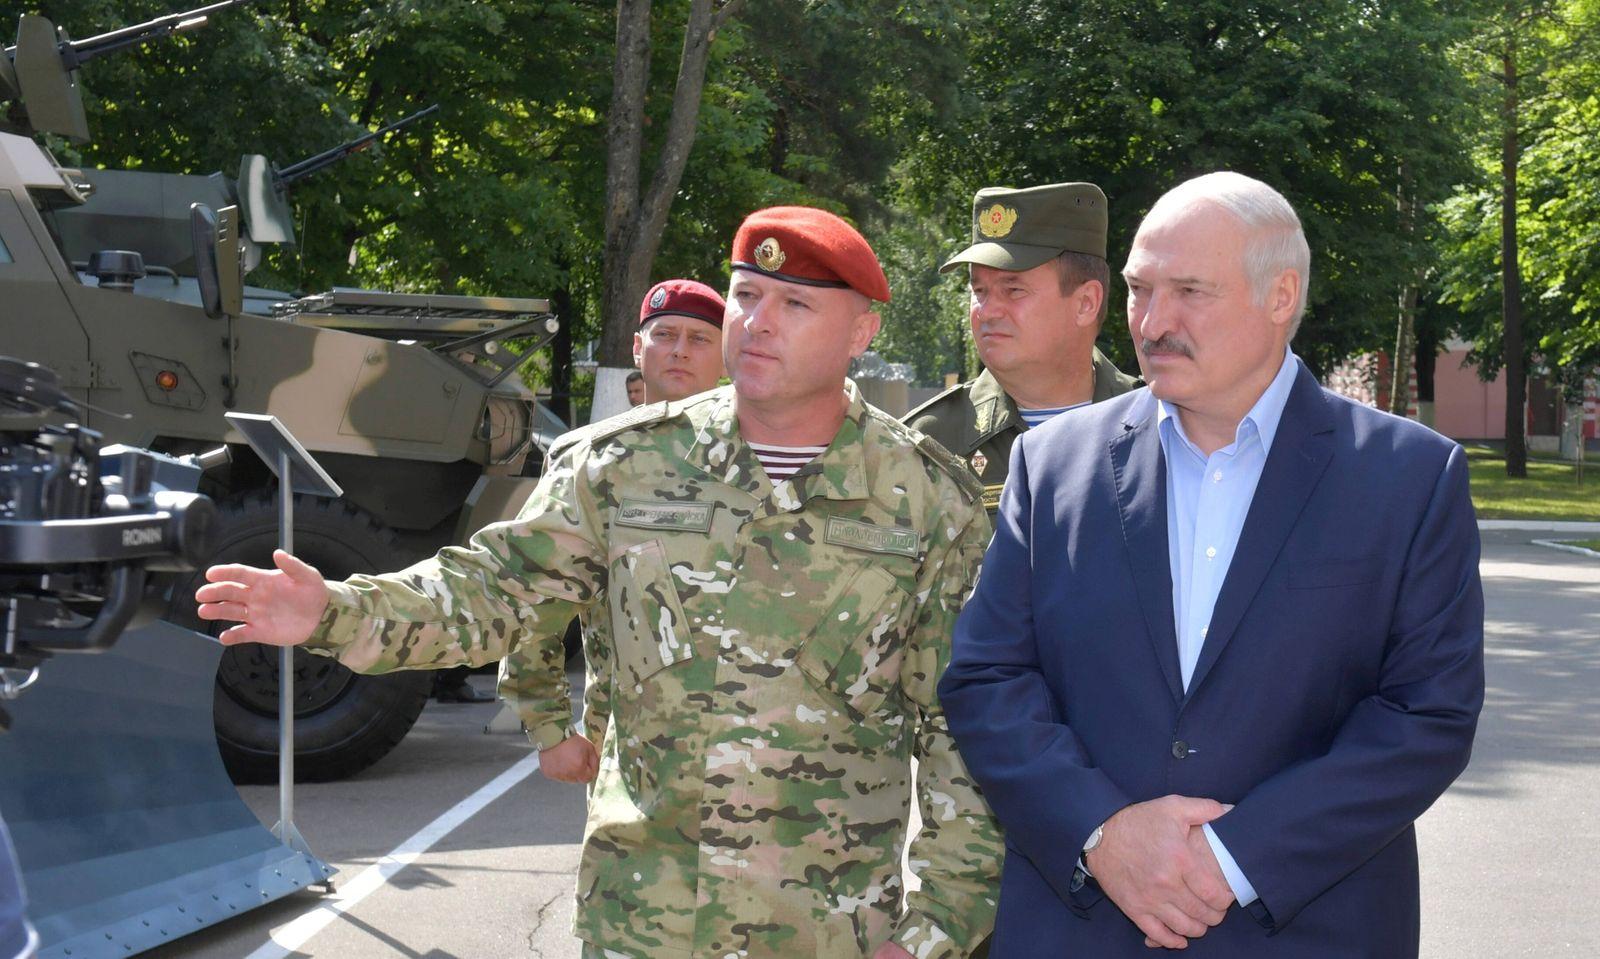 MINSK, BELARUS - JULY 28, 2020: The President of Belarus, Alexander Lukashenko (R front) visits No 3214 Unit of the Int